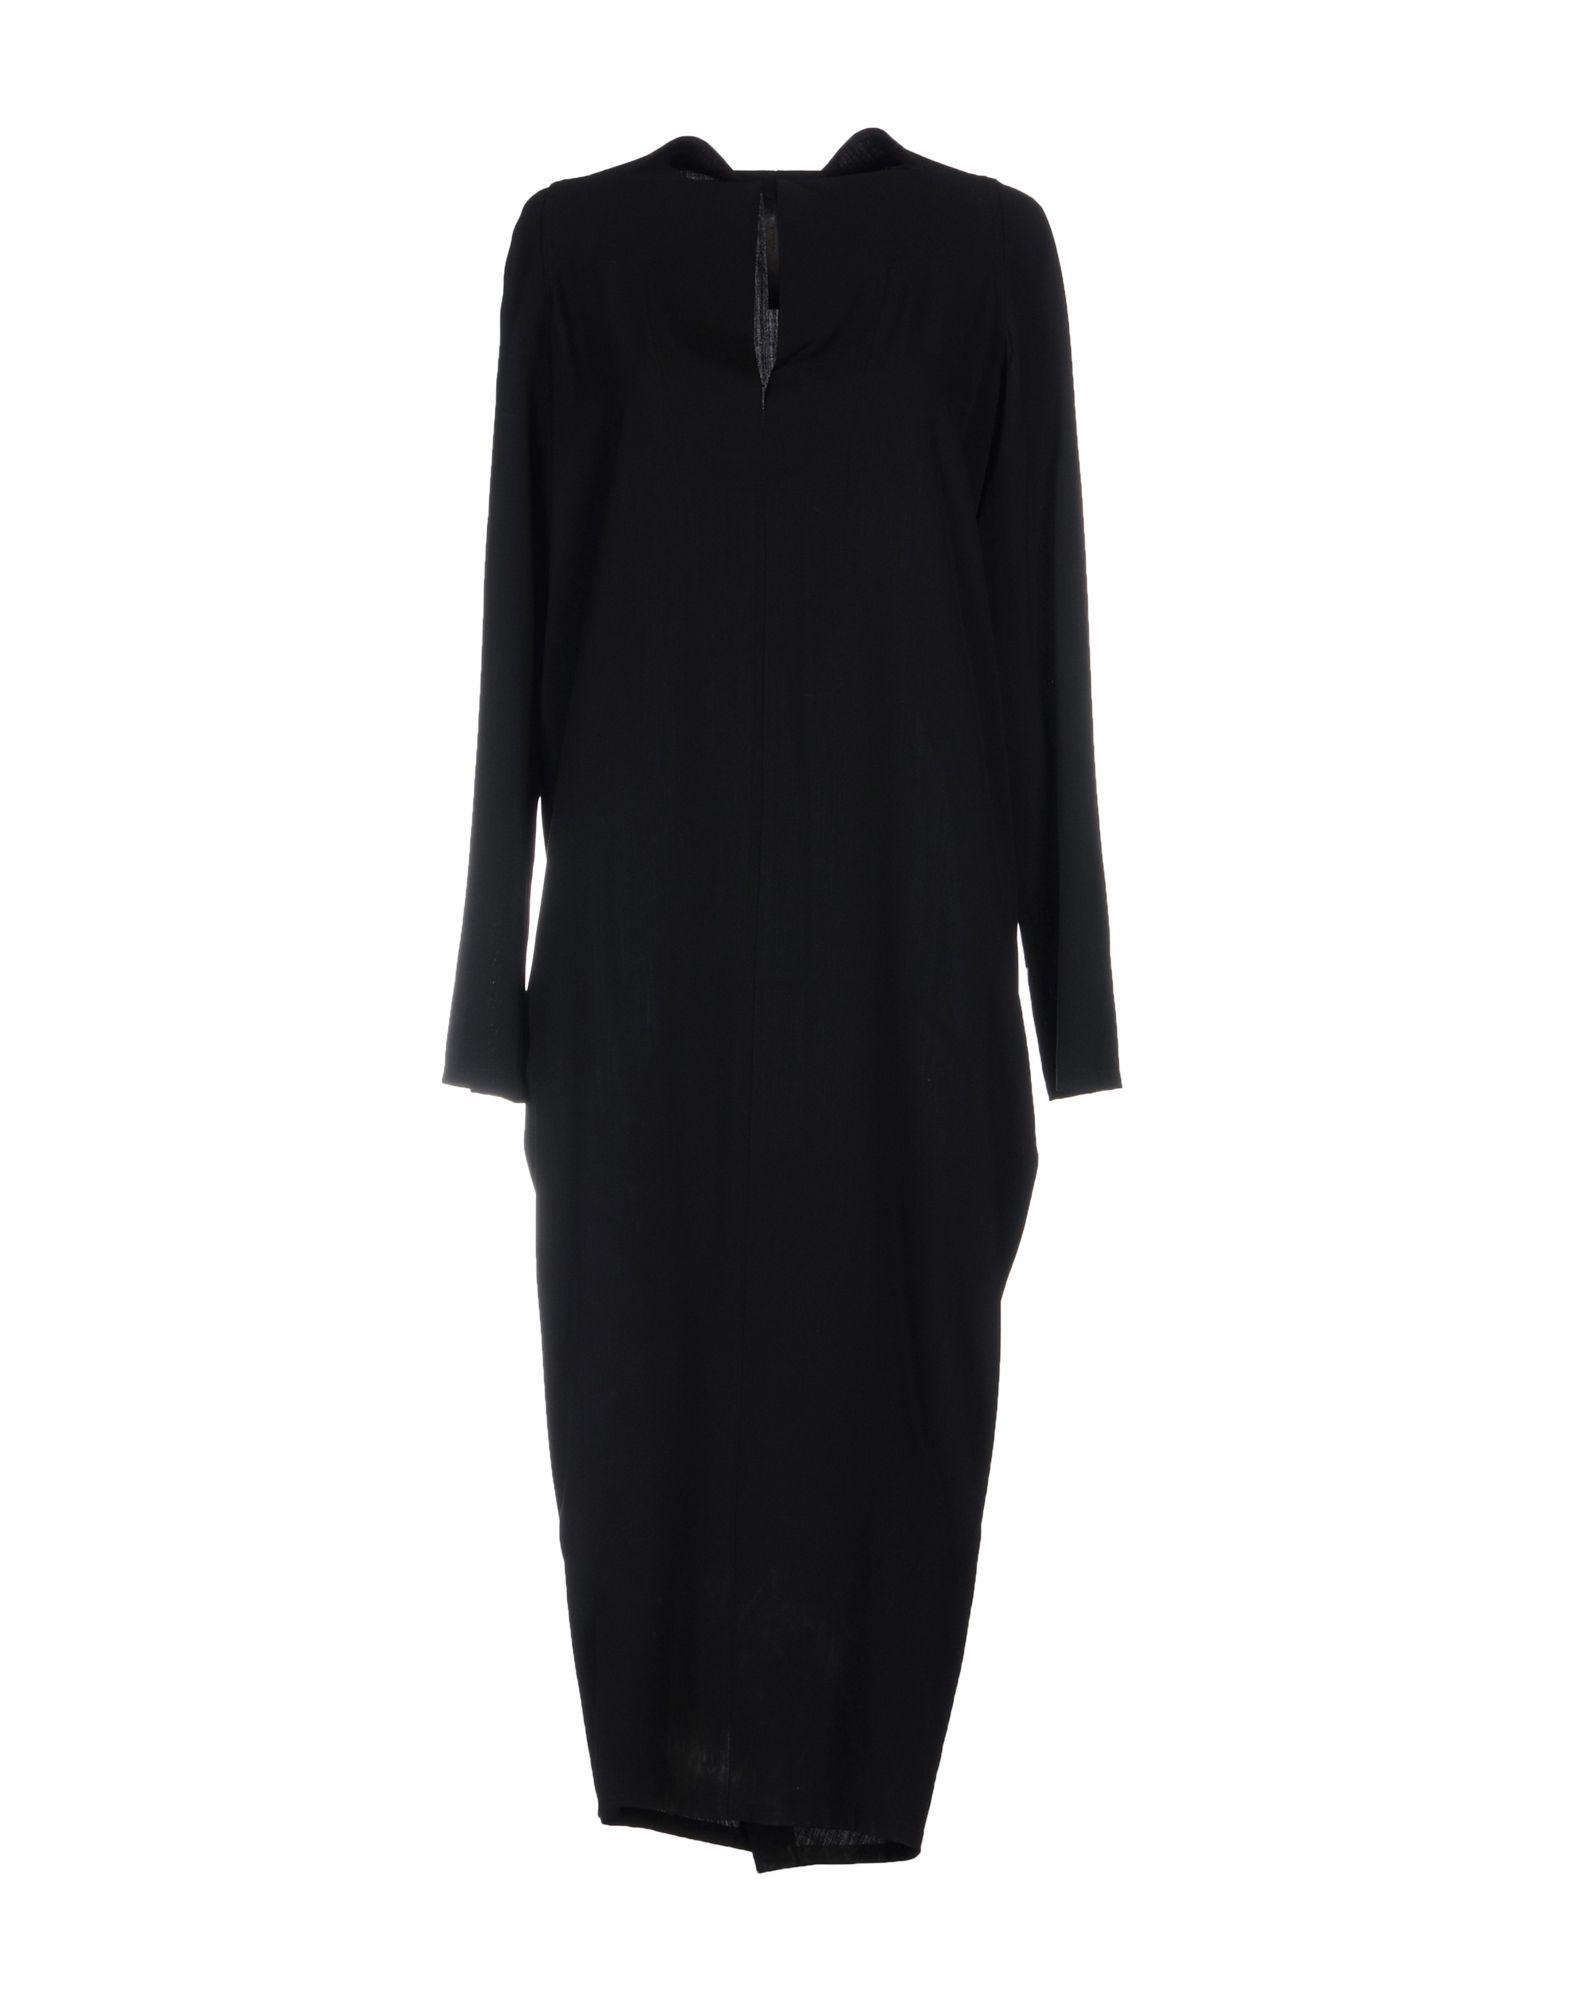 RICK OWENS Платье длиной 3/4 lisa corti платье длиной 3 4